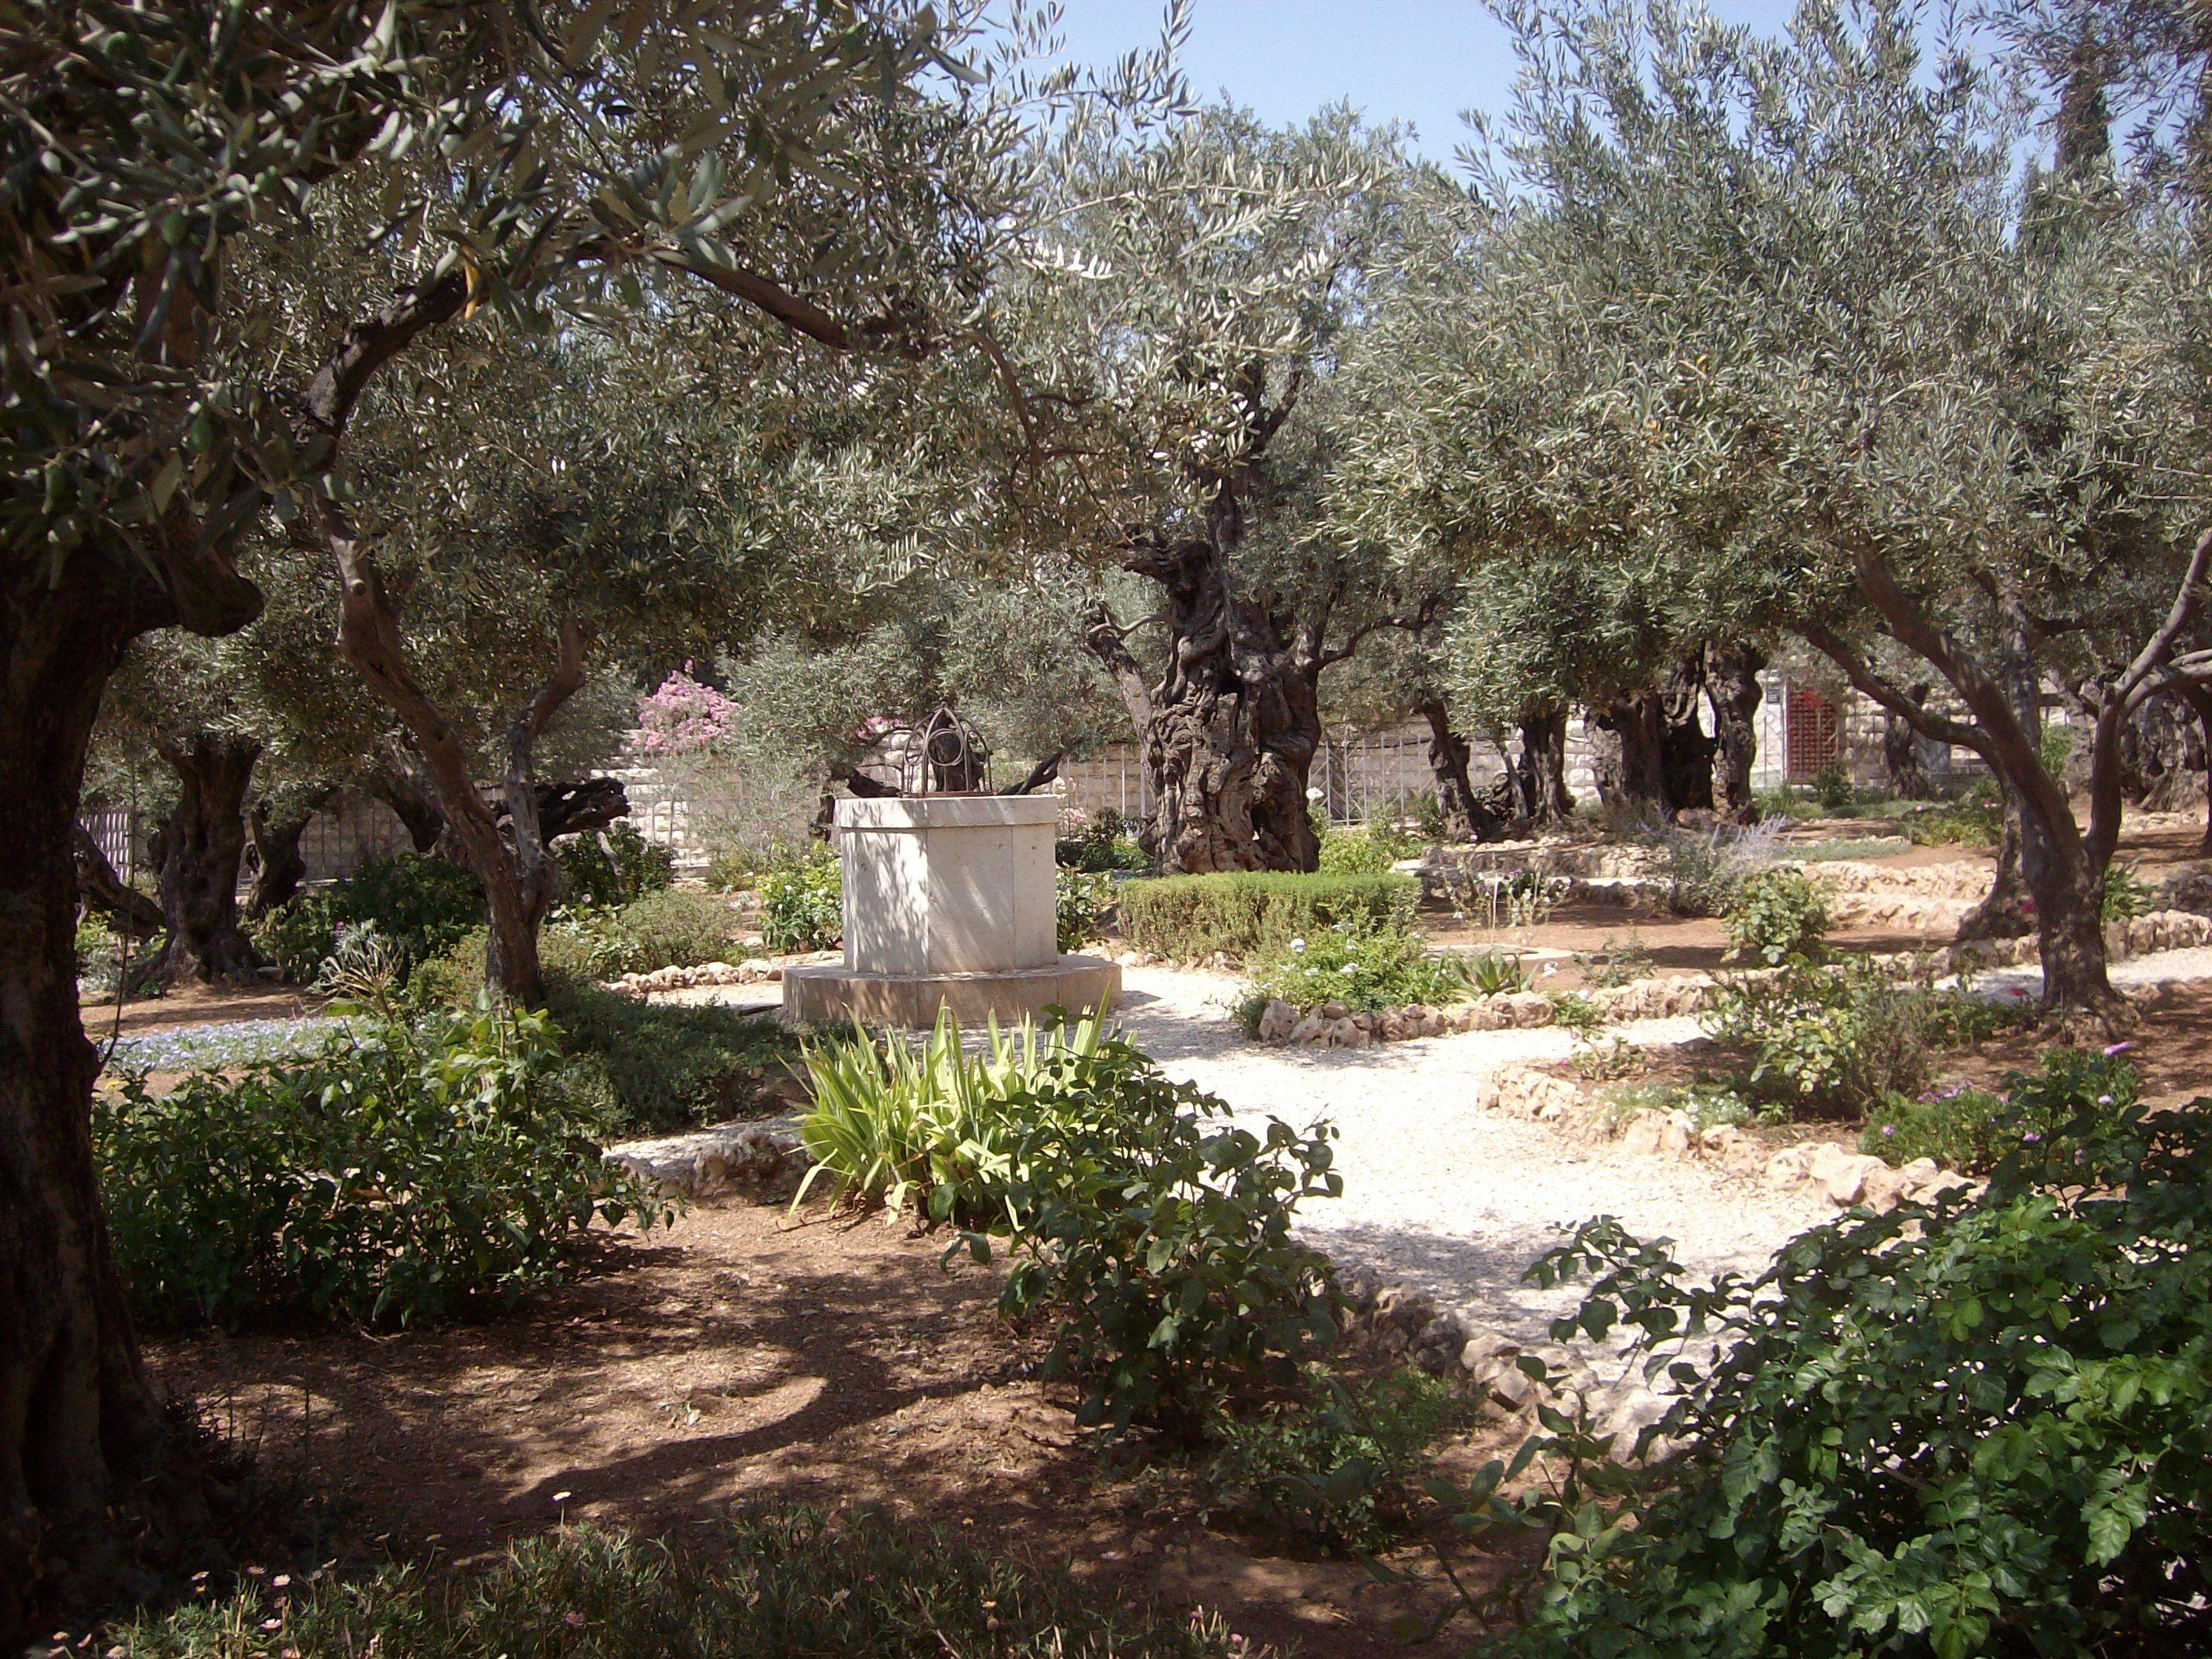 Garden of Gethsemane - Israel | Places I love | Pinterest | Israel ...